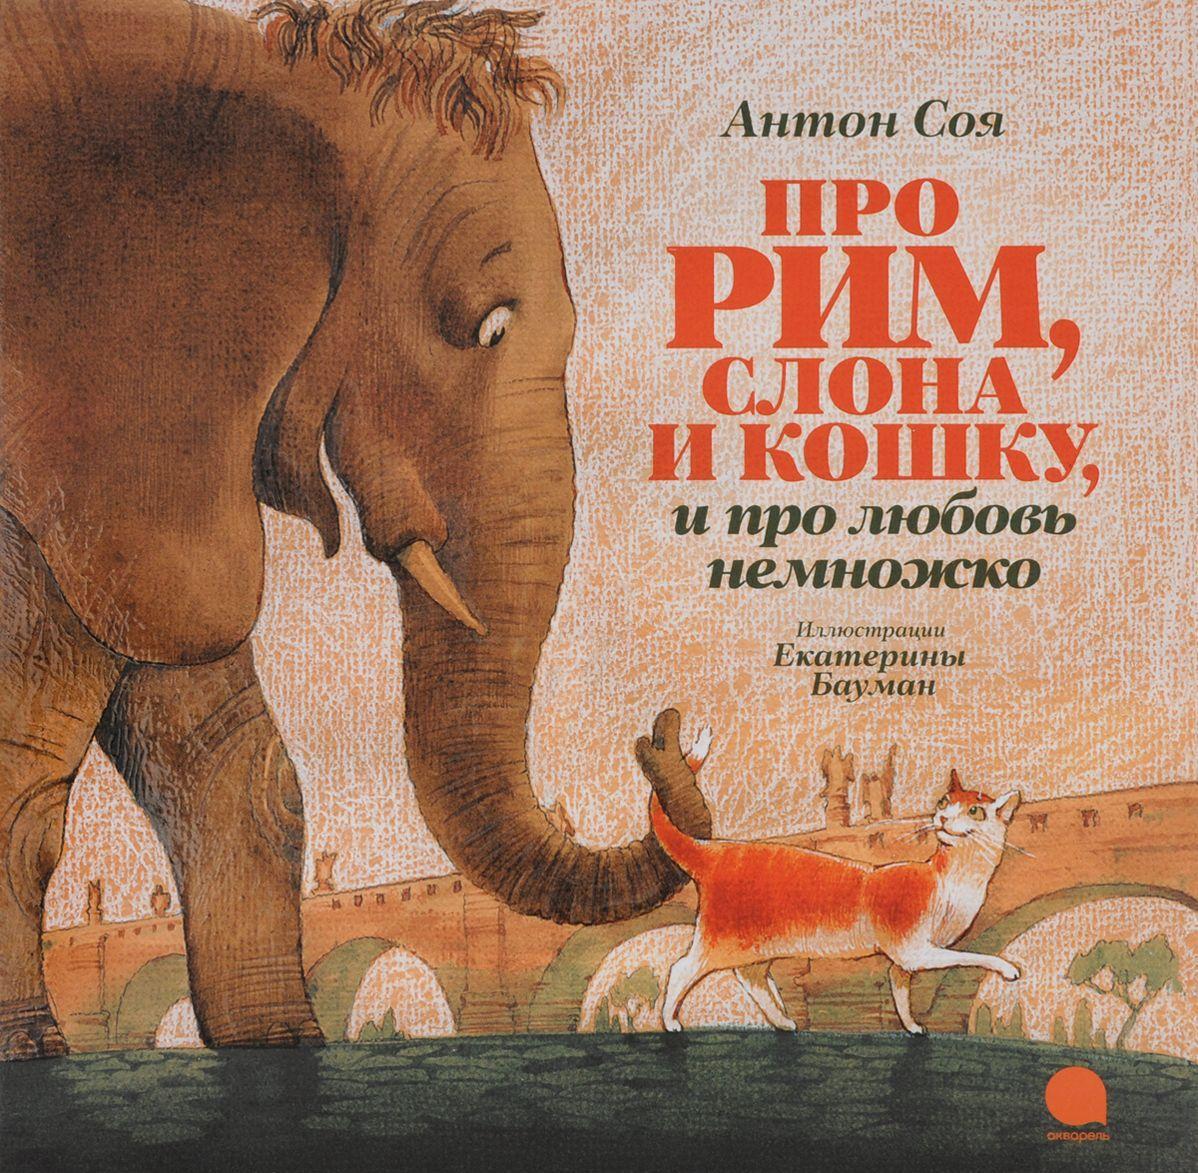 Про Рим, слона и кошку, и про любовь немножко…, Антон Соя, 978-5-4453-1013-6  - купить со скидкой